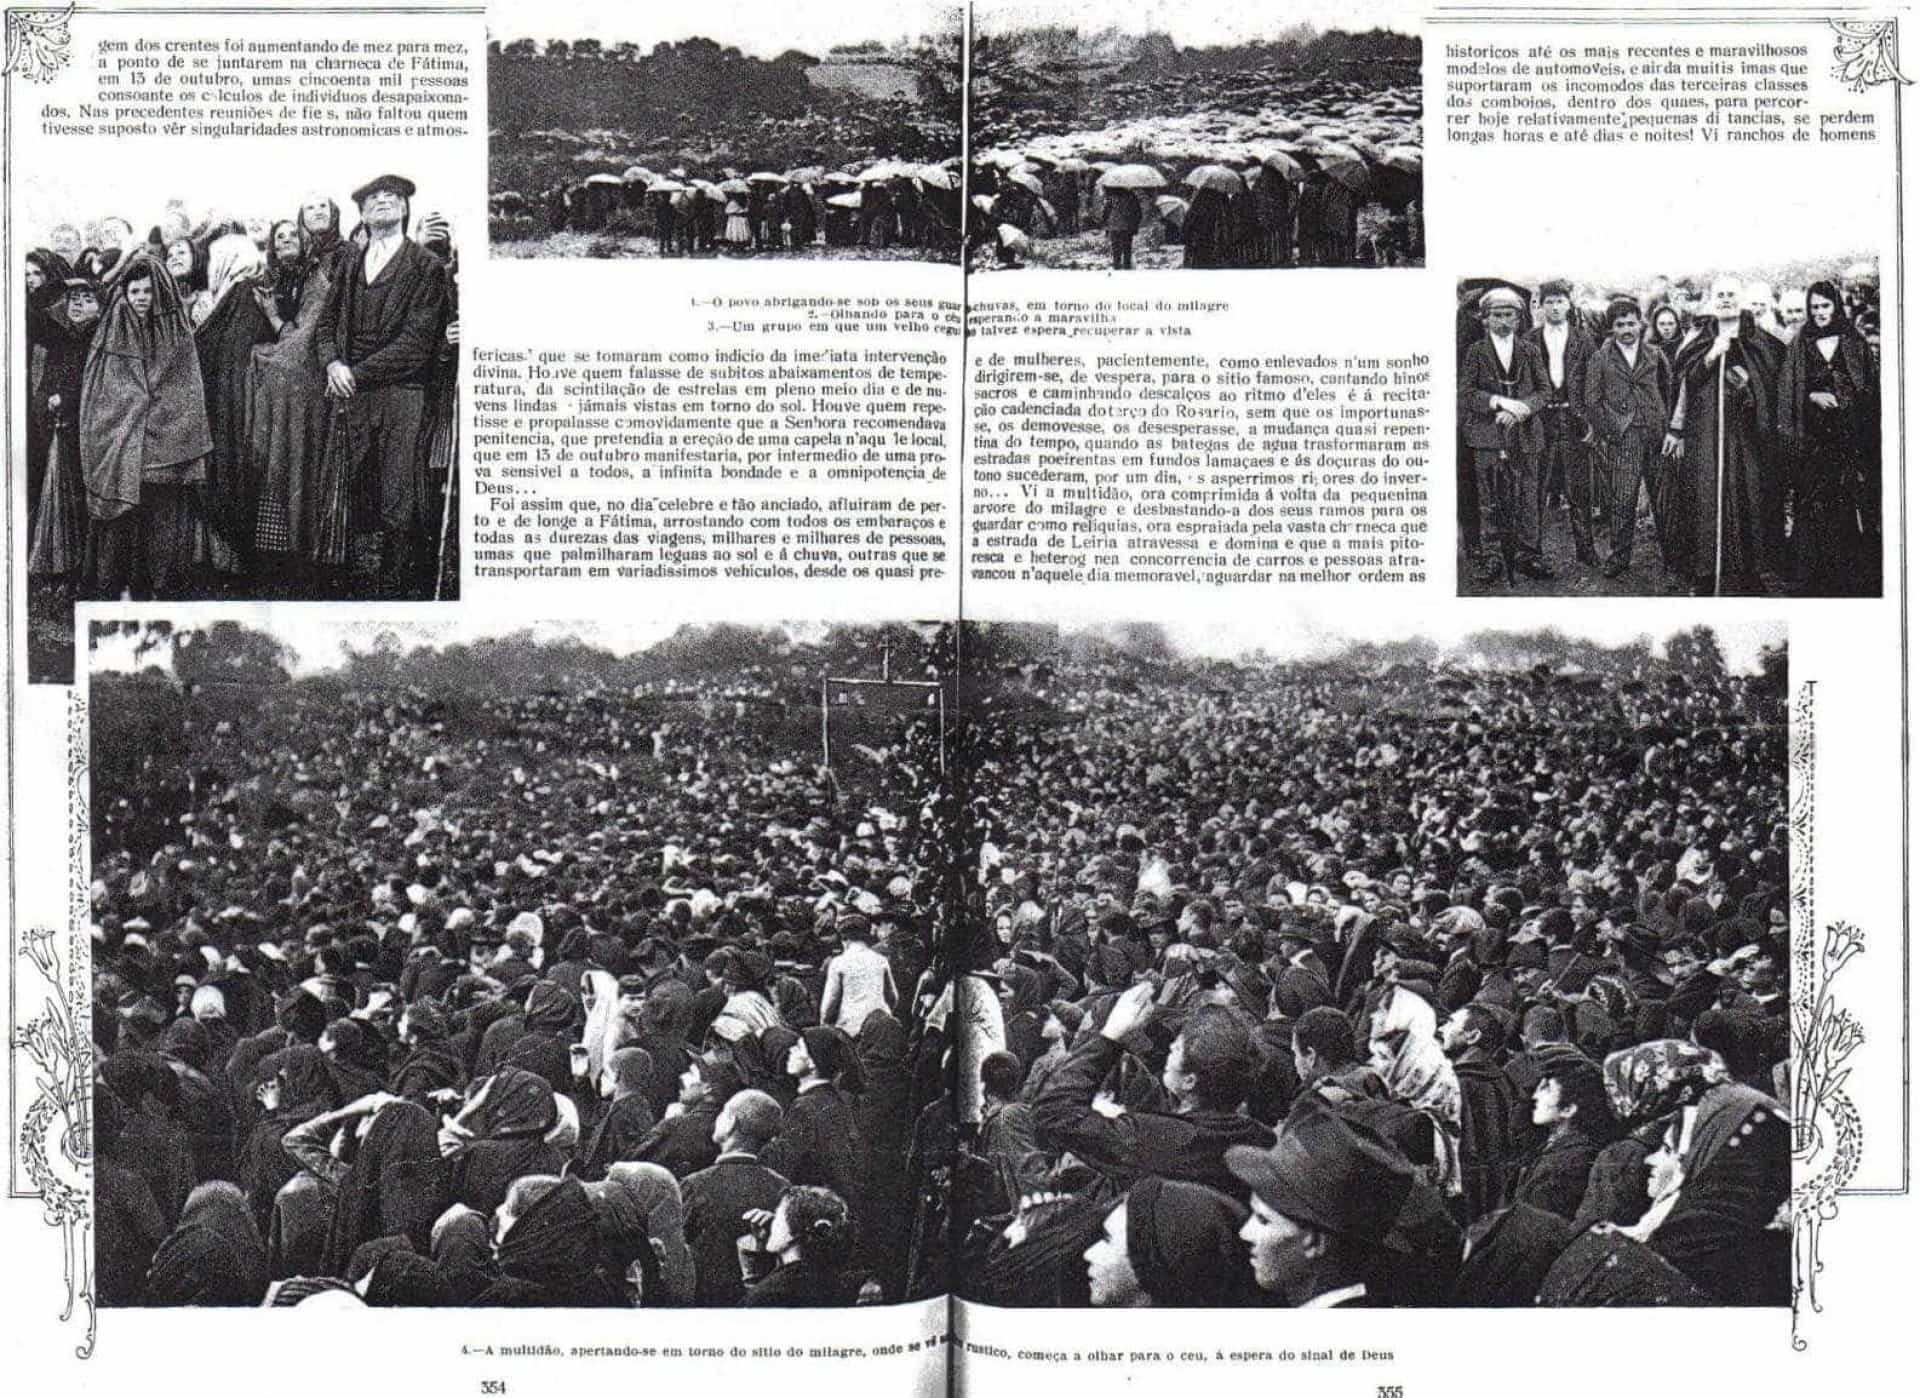 Faz hoje 100 anos que a Cova da Iria assistiu ao Milagre do Sol